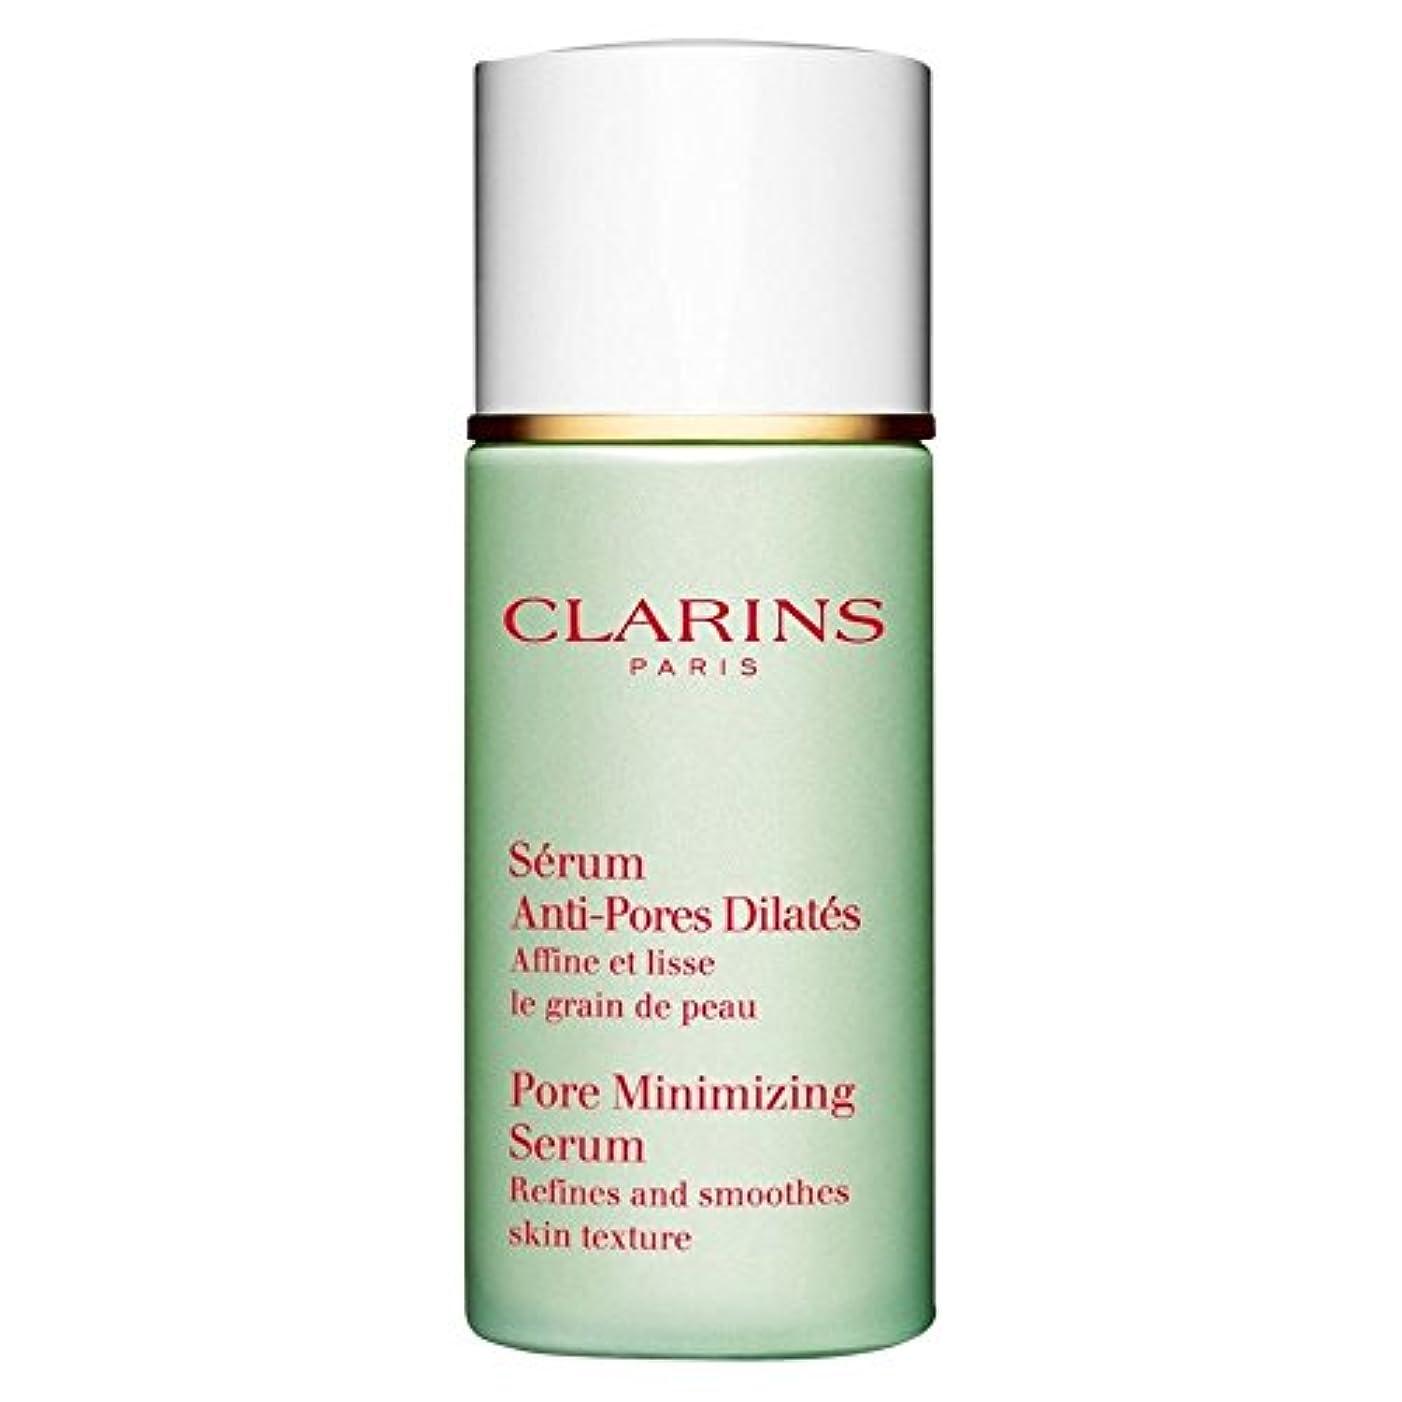 生命体連合労働者[JL] クラランスは、血清を最小限に抑え、細孔 - Clarins Pore Minimizing Serum [並行輸入品]